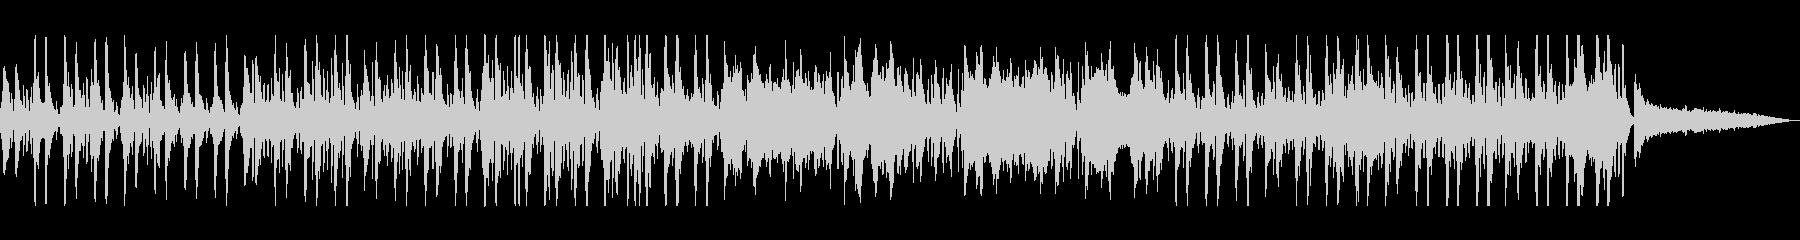 ストリングスとドラムスの小刻みの行進曲の未再生の波形